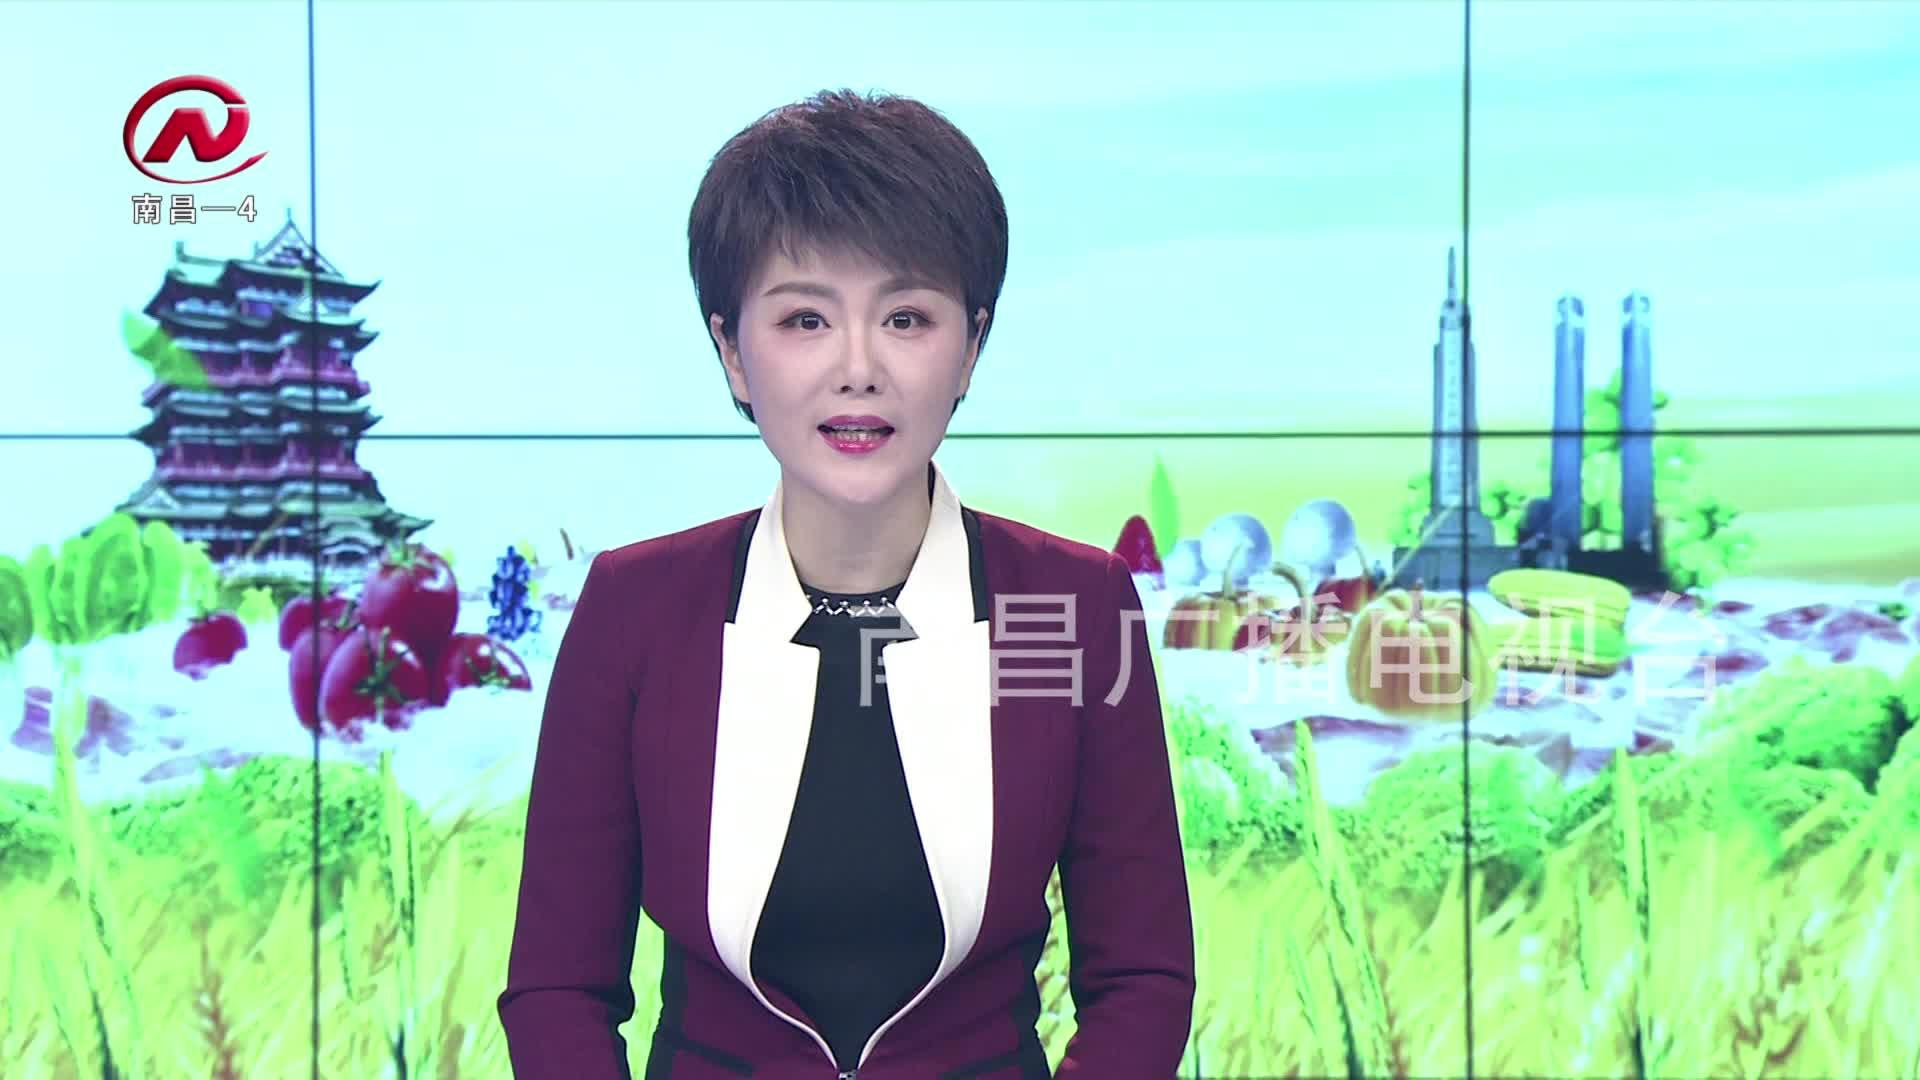 """【豫章农视】农业龙头企业""""靶向施策"""" 精准助力乡村振兴"""